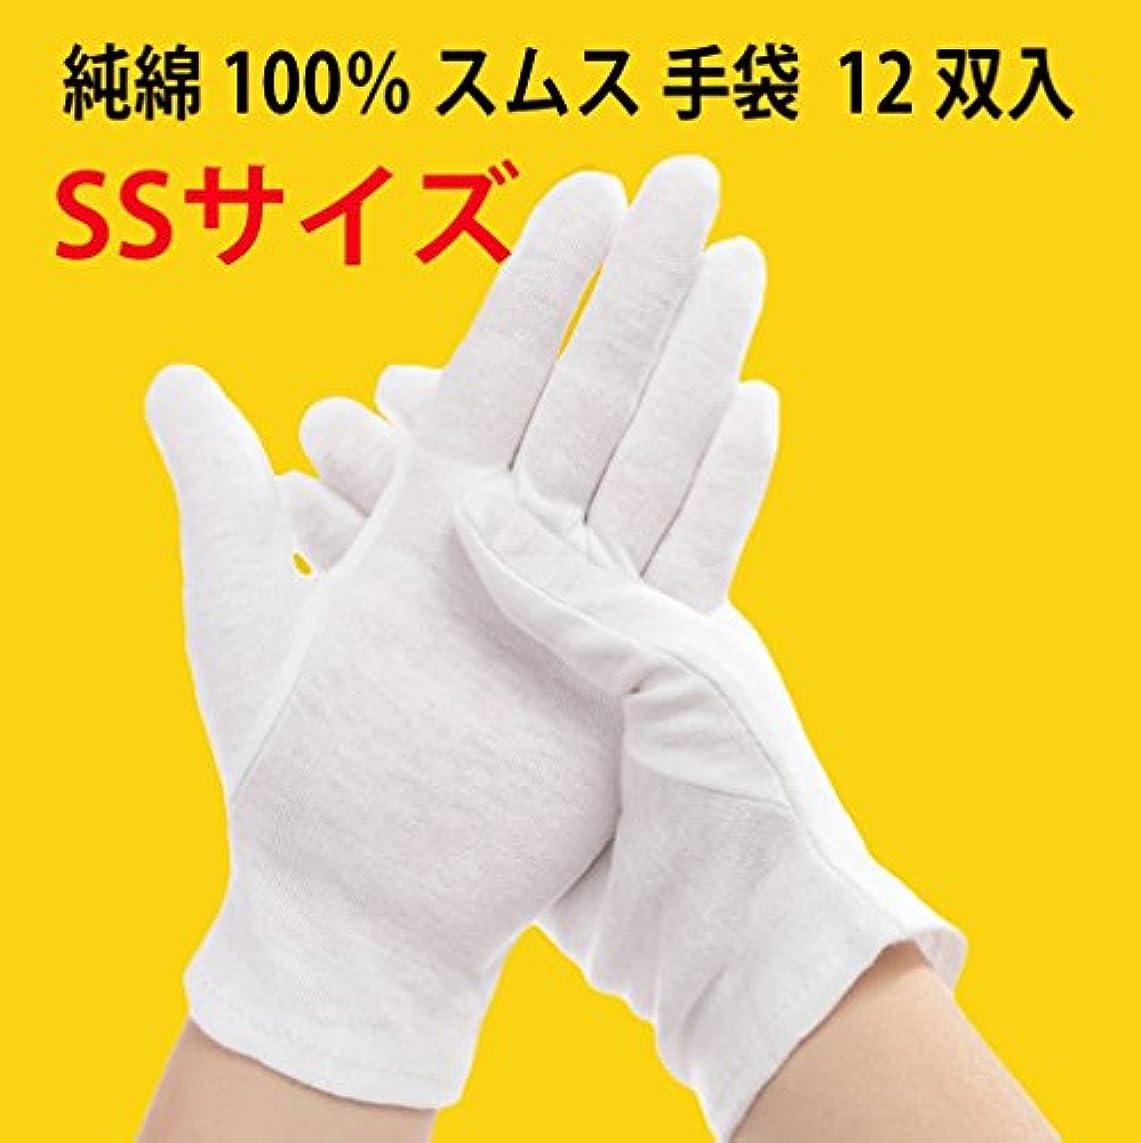 教養がある近代化する義務純綿100% スムス 手袋 SSサイズ 12双入 子供?女性に最適 多用途 作業手袋 101111